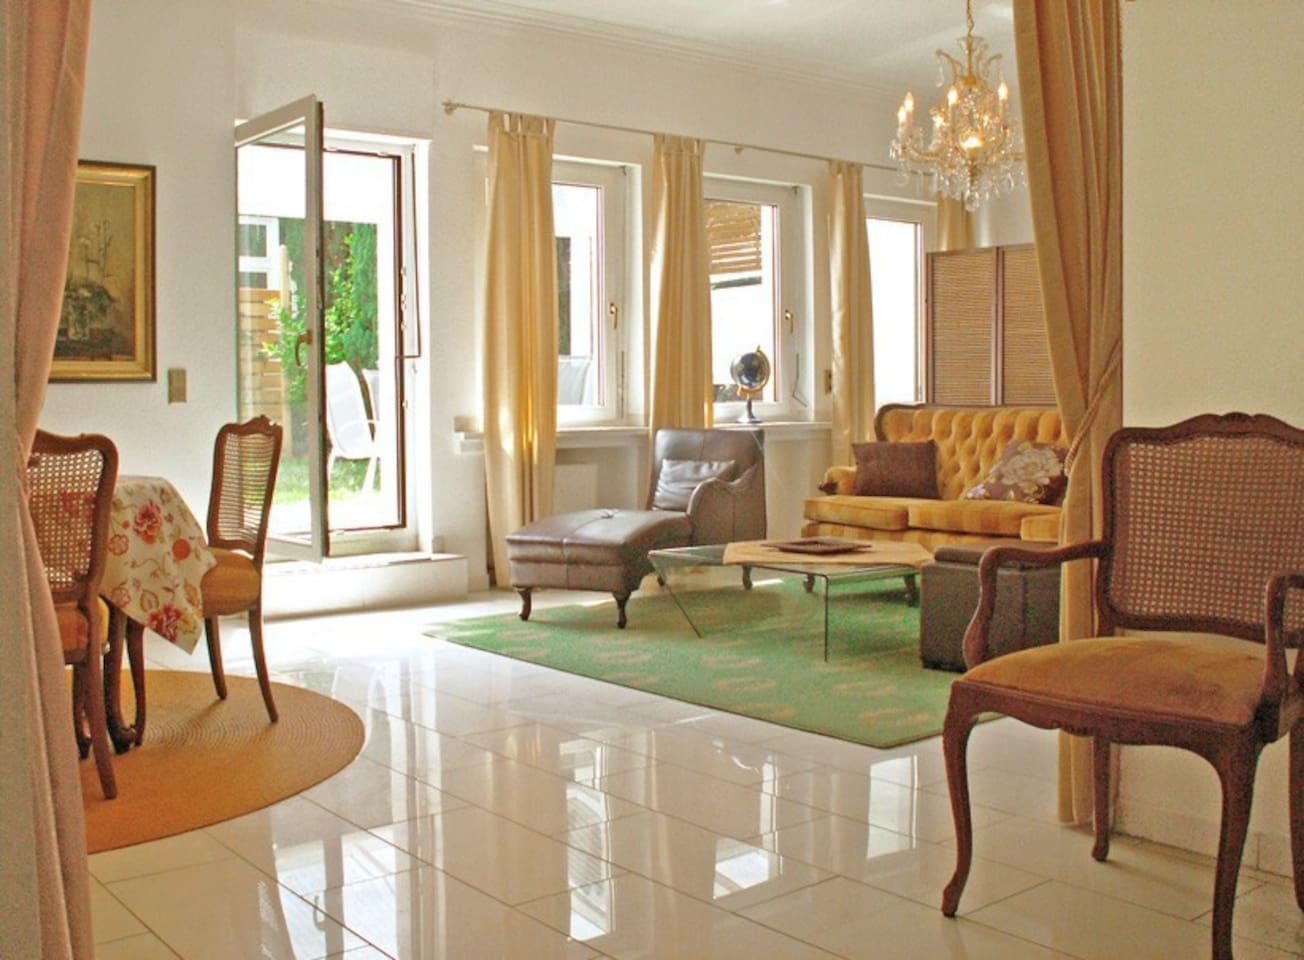 Wohnzimmer mit Essplatz und Ausgang zur Terrasse